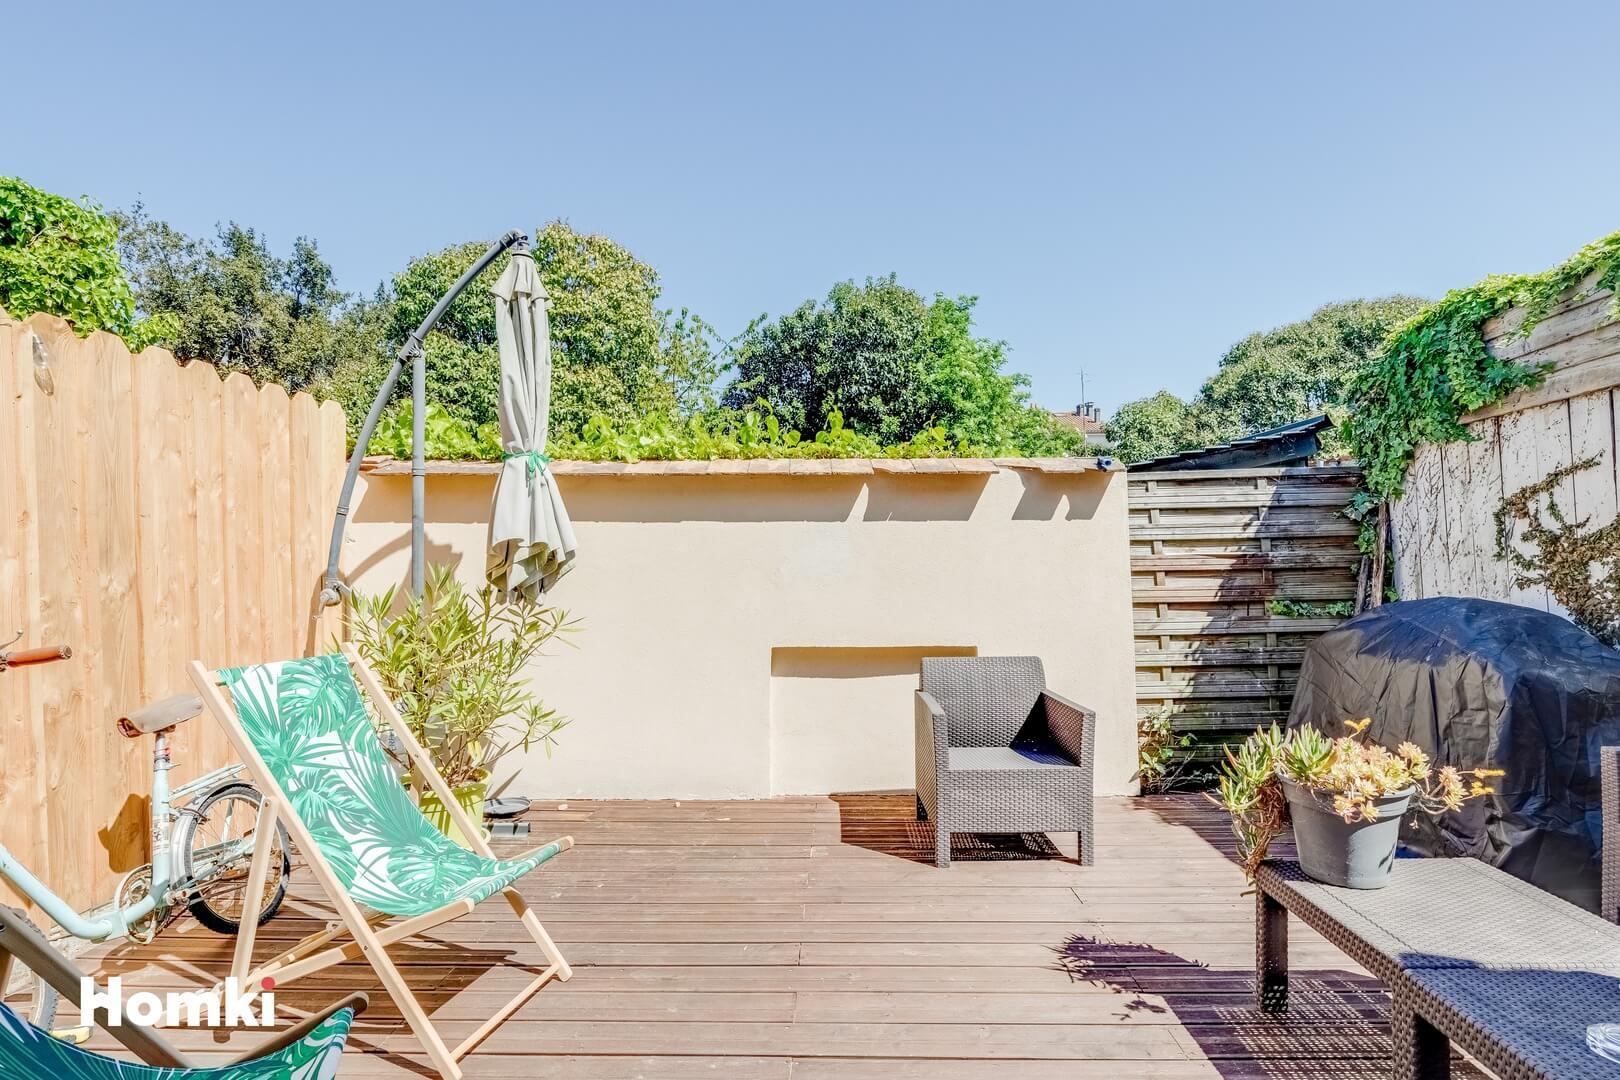 Homki - Vente Appartement  de 48.0 m² à Bordeaux 33800